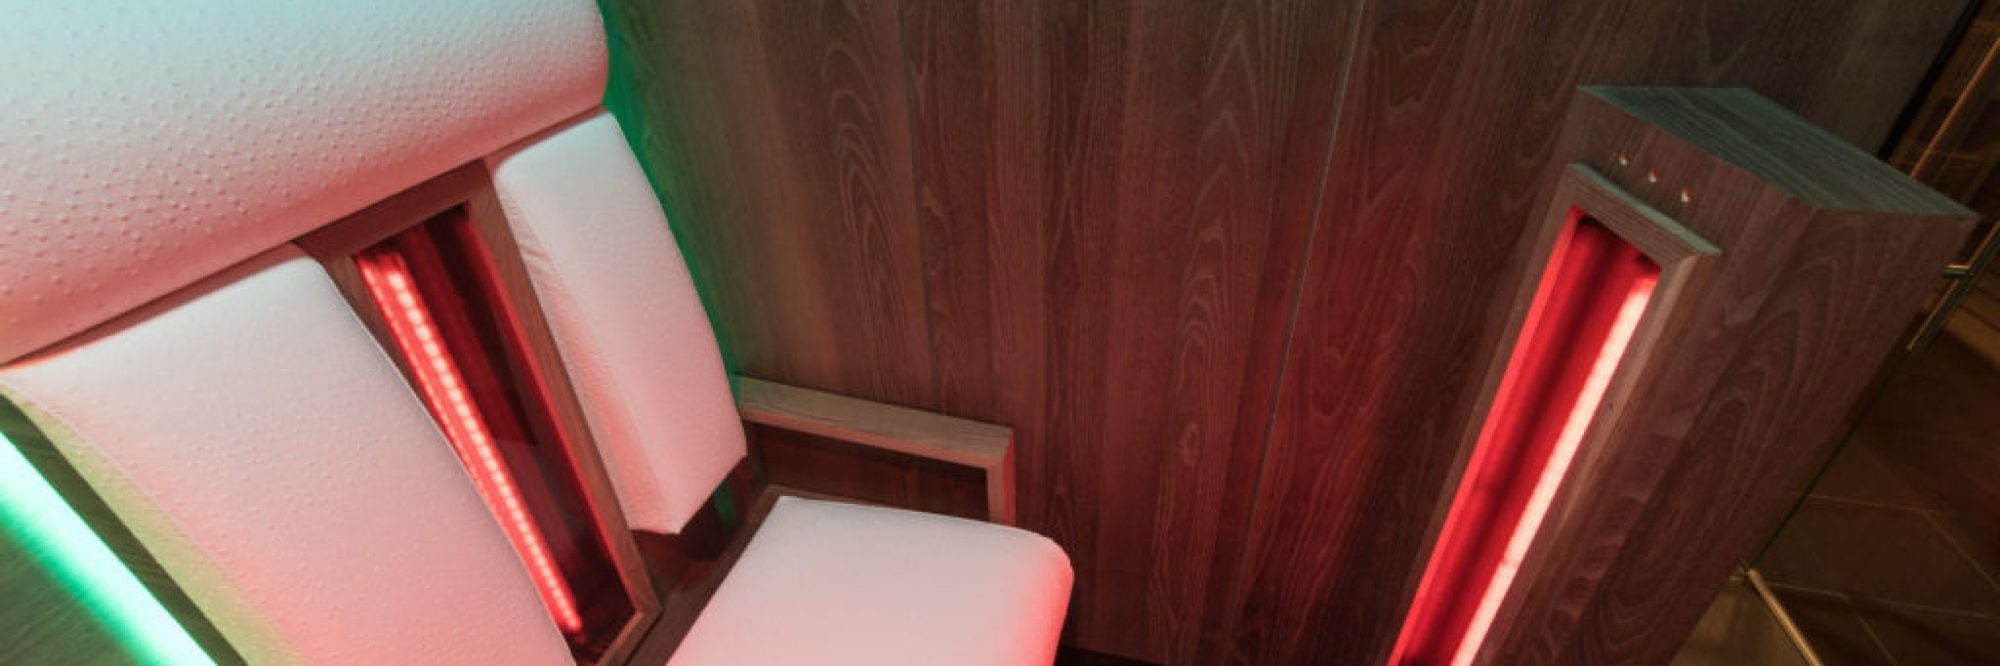 Infra-Lounge